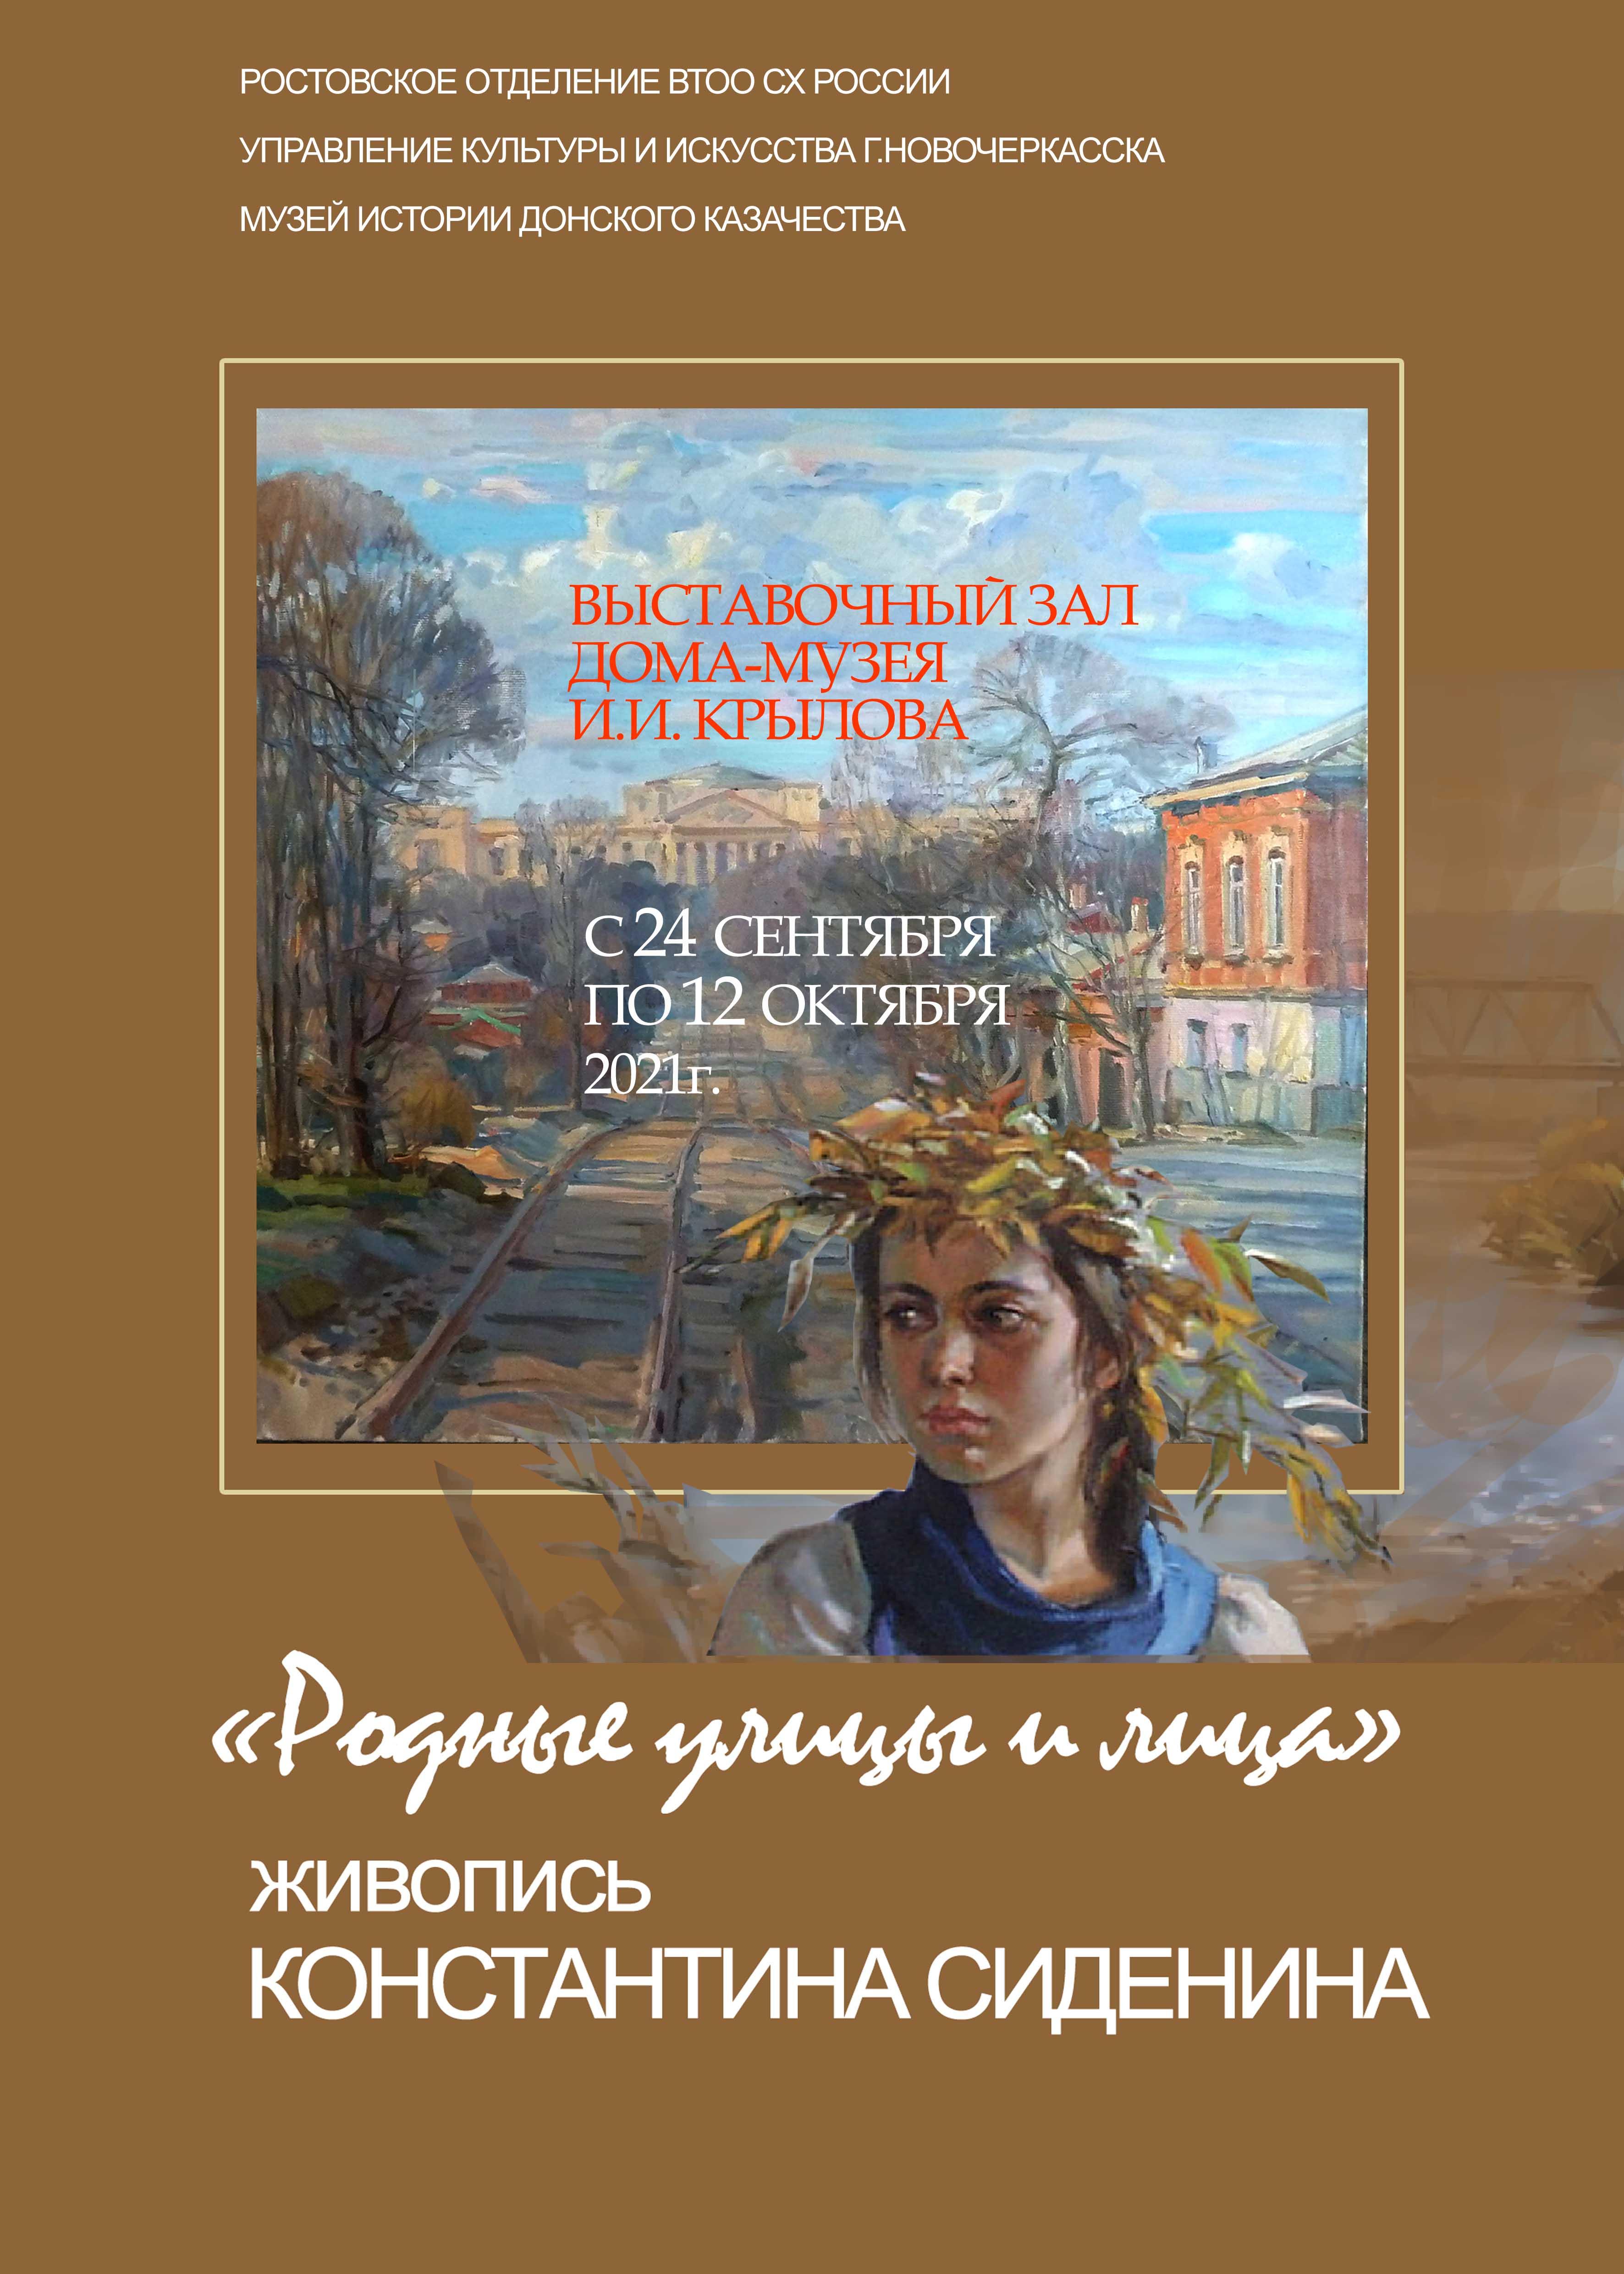 Анонс выставки Константина Сиденина «Родные улицы и лица»